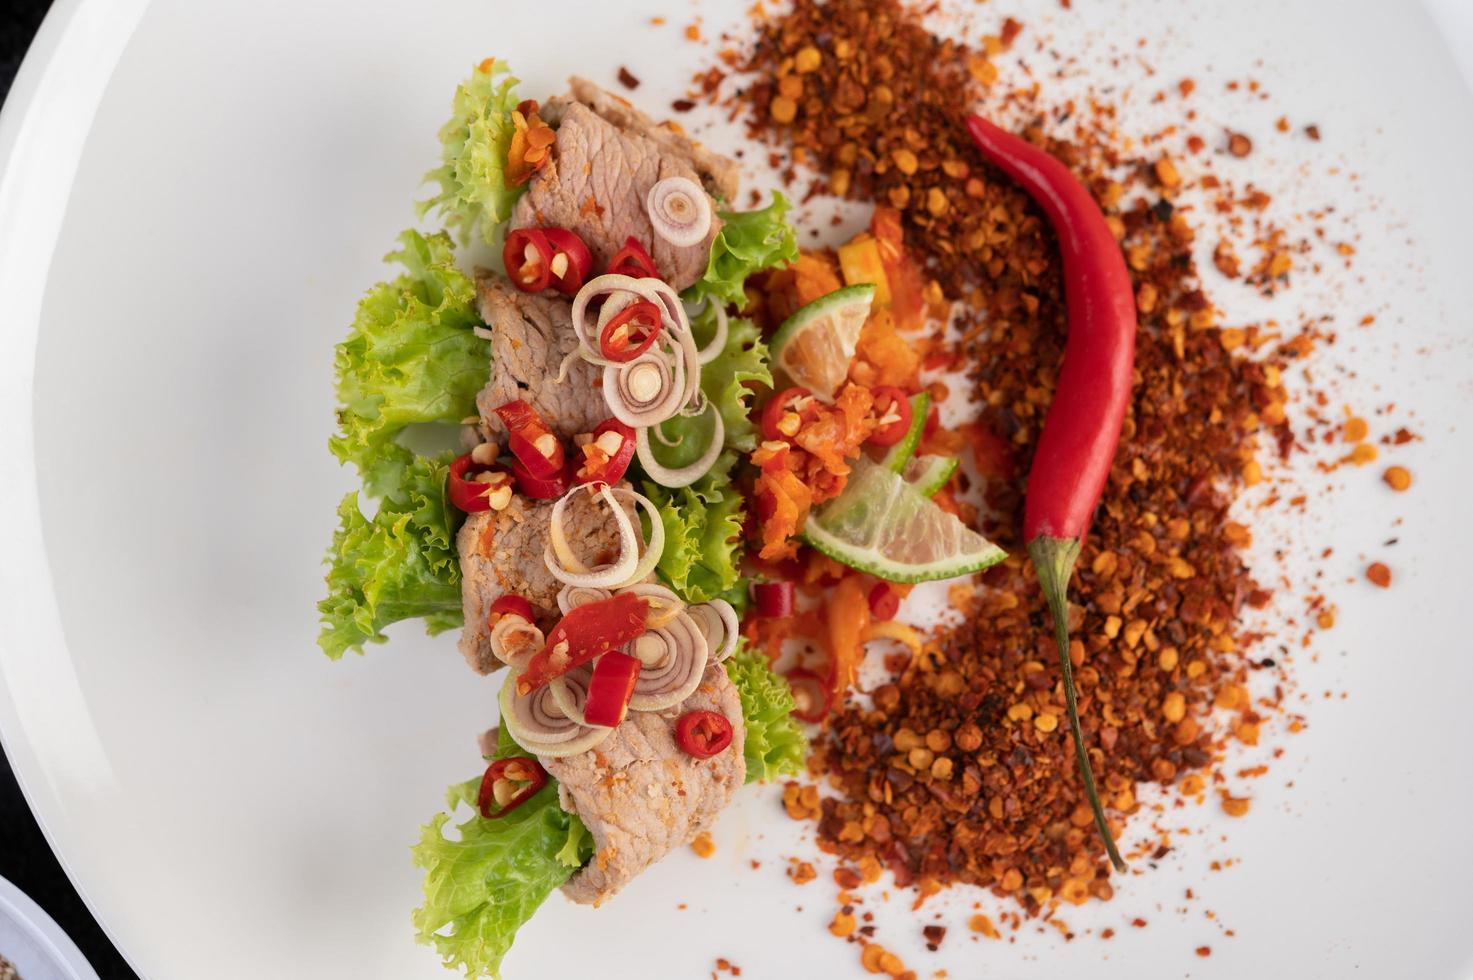 salade de porc épicée au galanga, citron, piment et ail photo